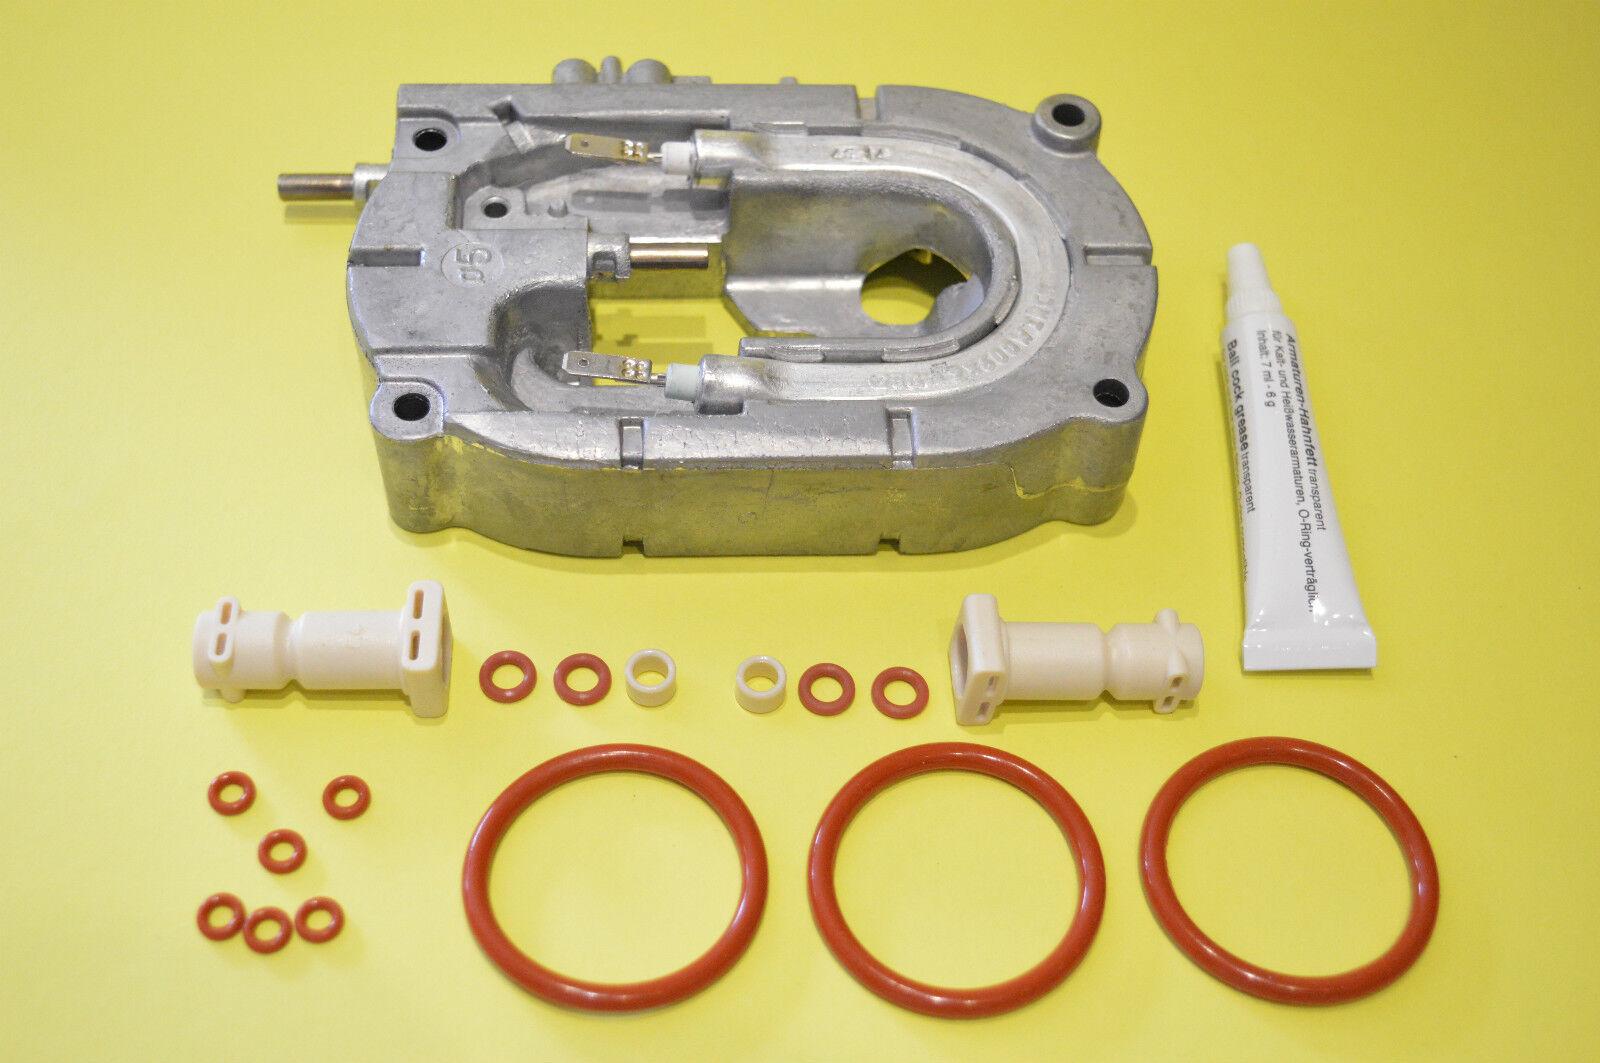 Thermoblock Durchlauferhitzer Boiler Heizung 6mm 2 Heizspiralen DeLonghi  ESAM